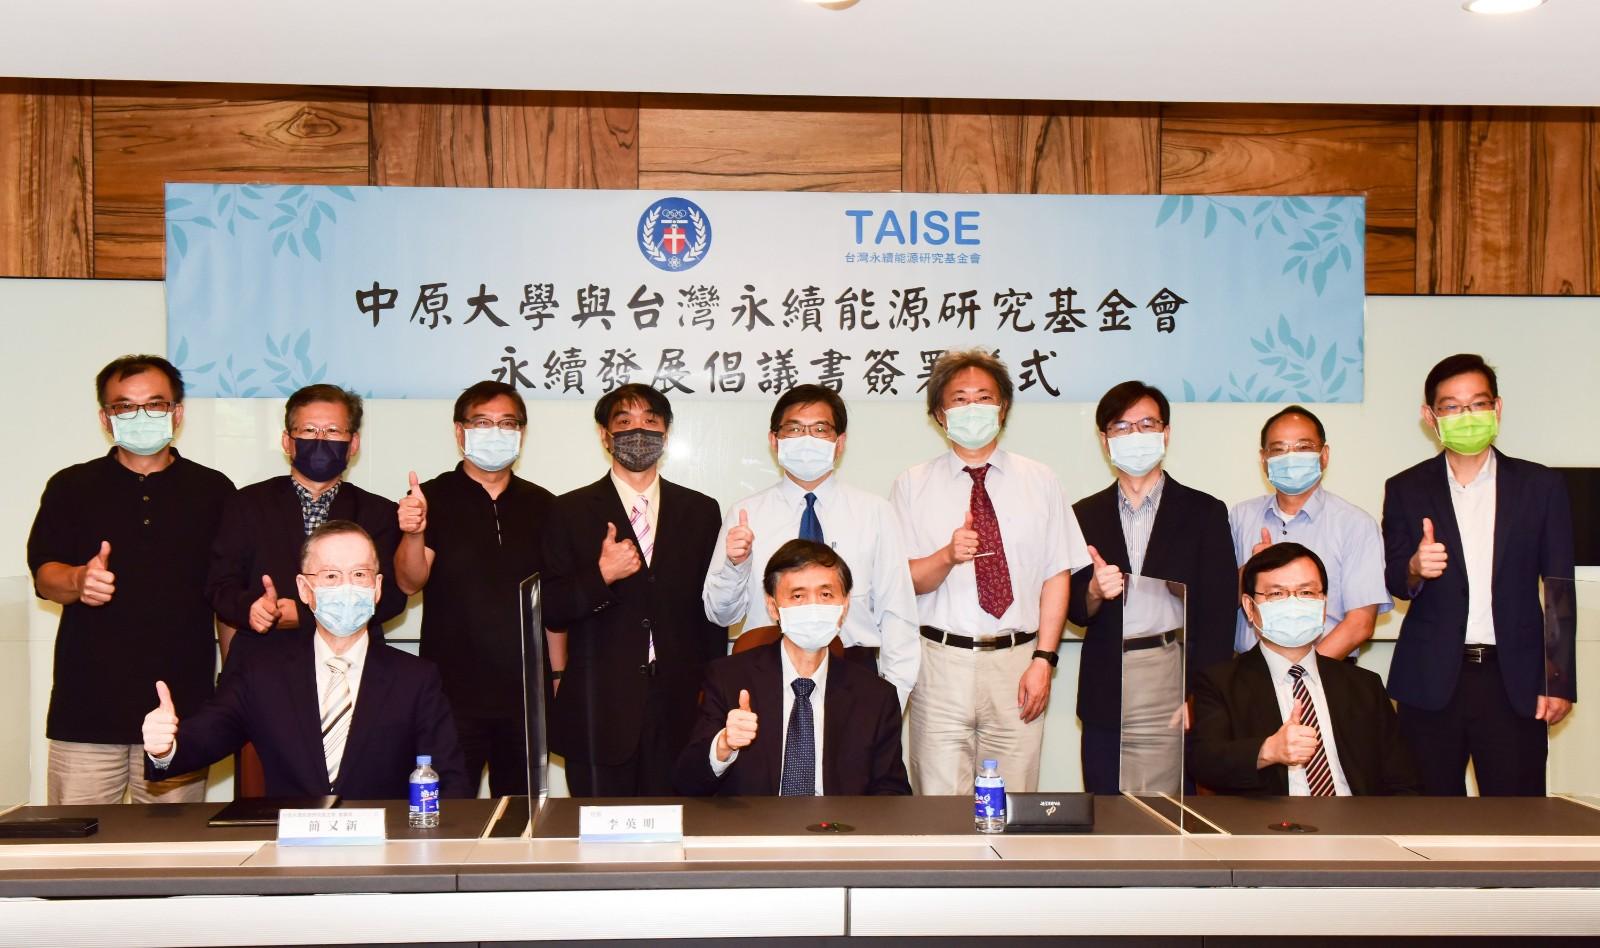 中原大學與台灣永續能源研究基金會簽署「大學永續發展倡議書」,與會人員合影留念。.jpg